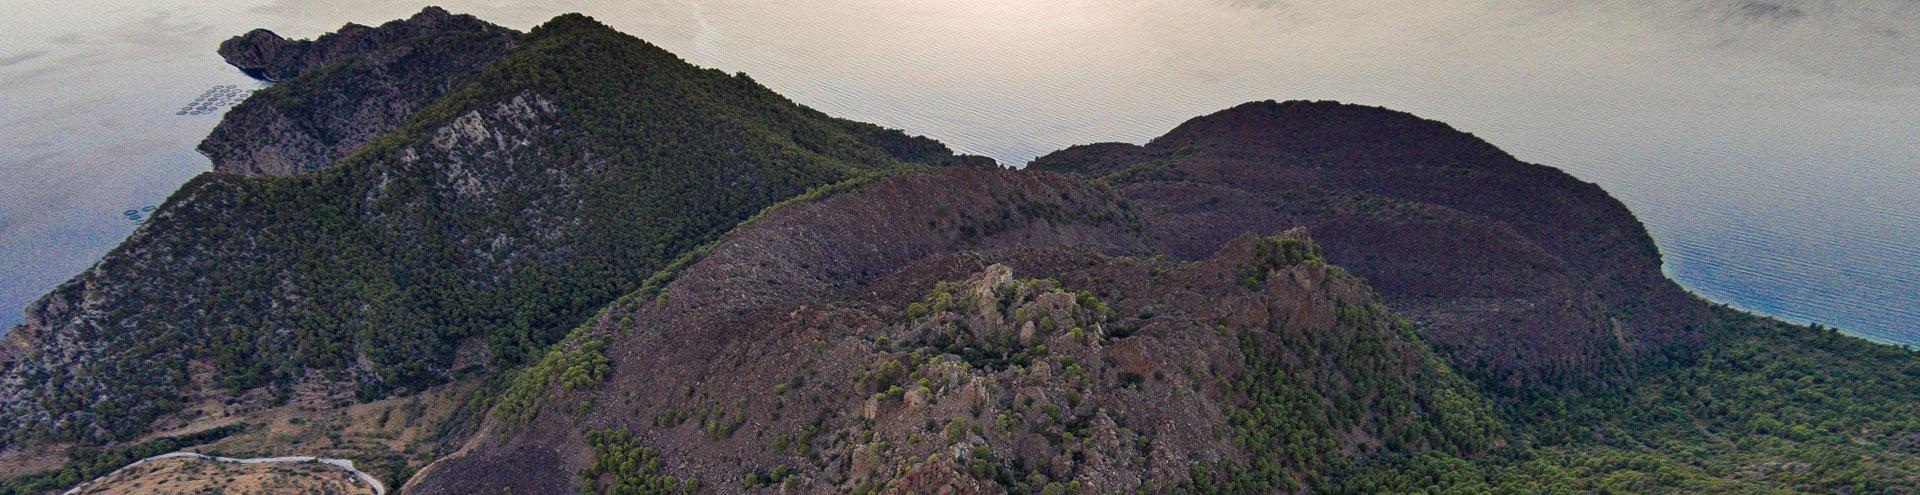 Το νεότερο ηφαίστειο των Μεθάνων